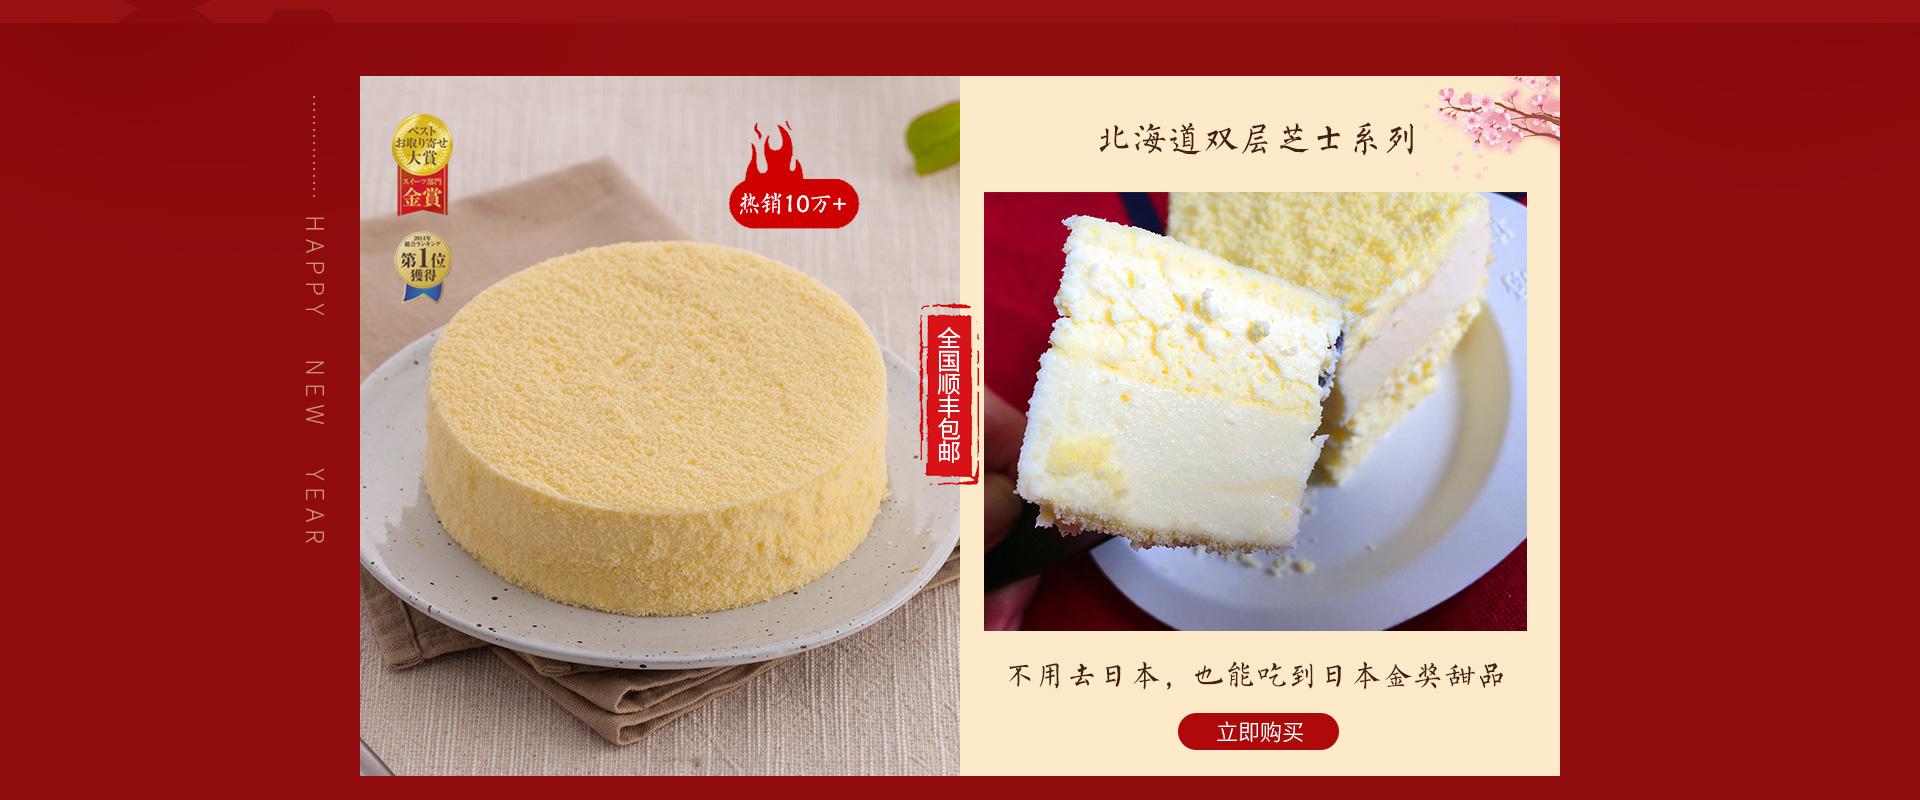 原味北海道双层芝士蛋糕